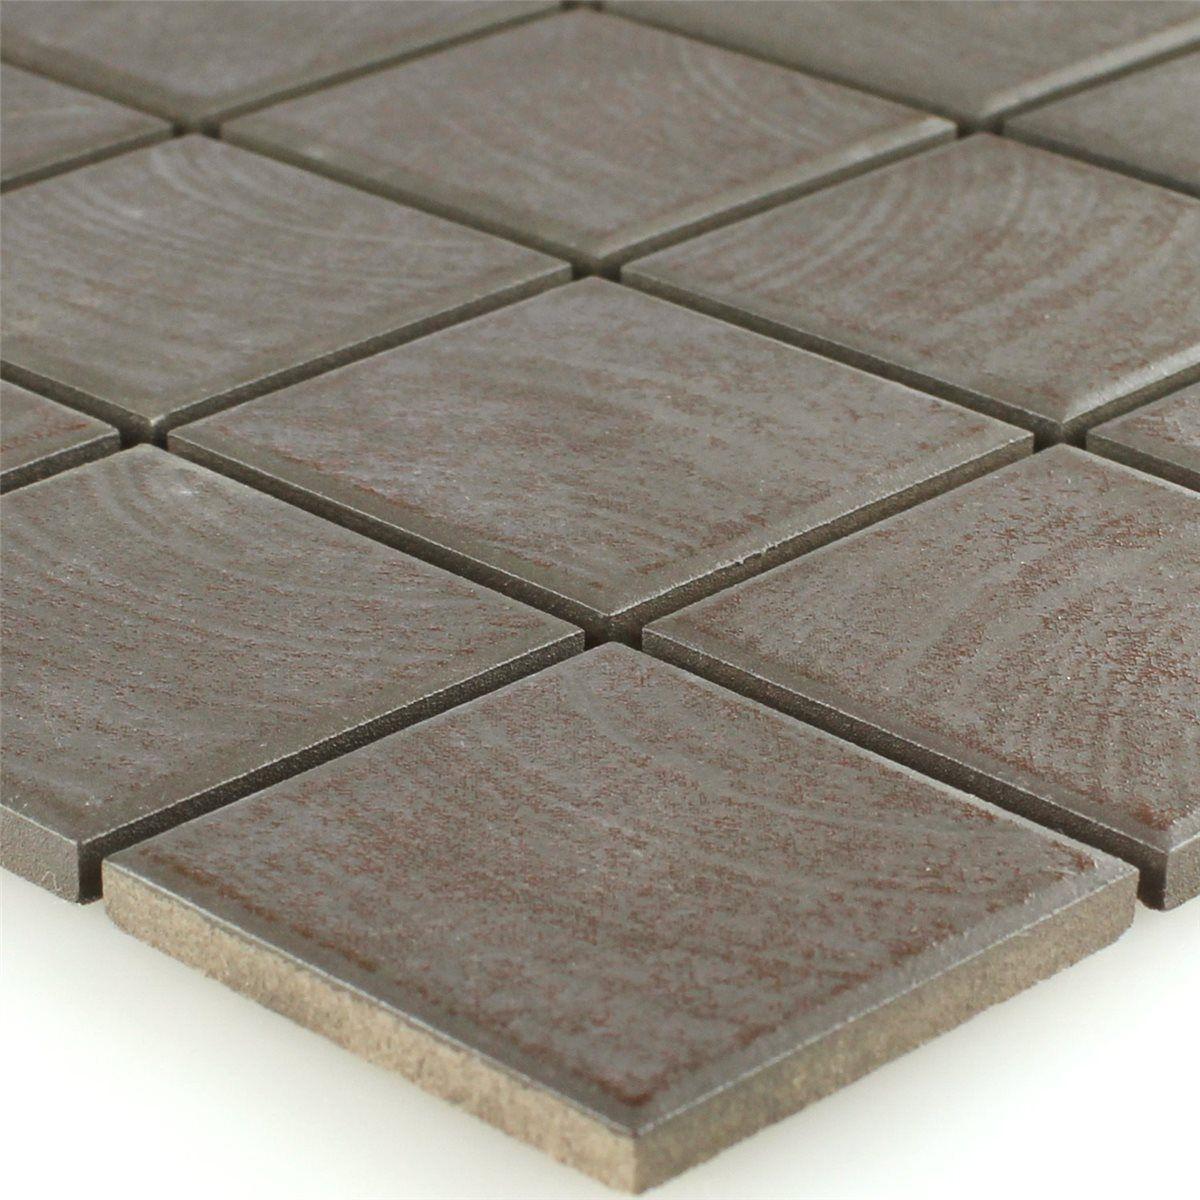 Non Slip Ceramic Tile For Bathroom Ceramic floor tiles